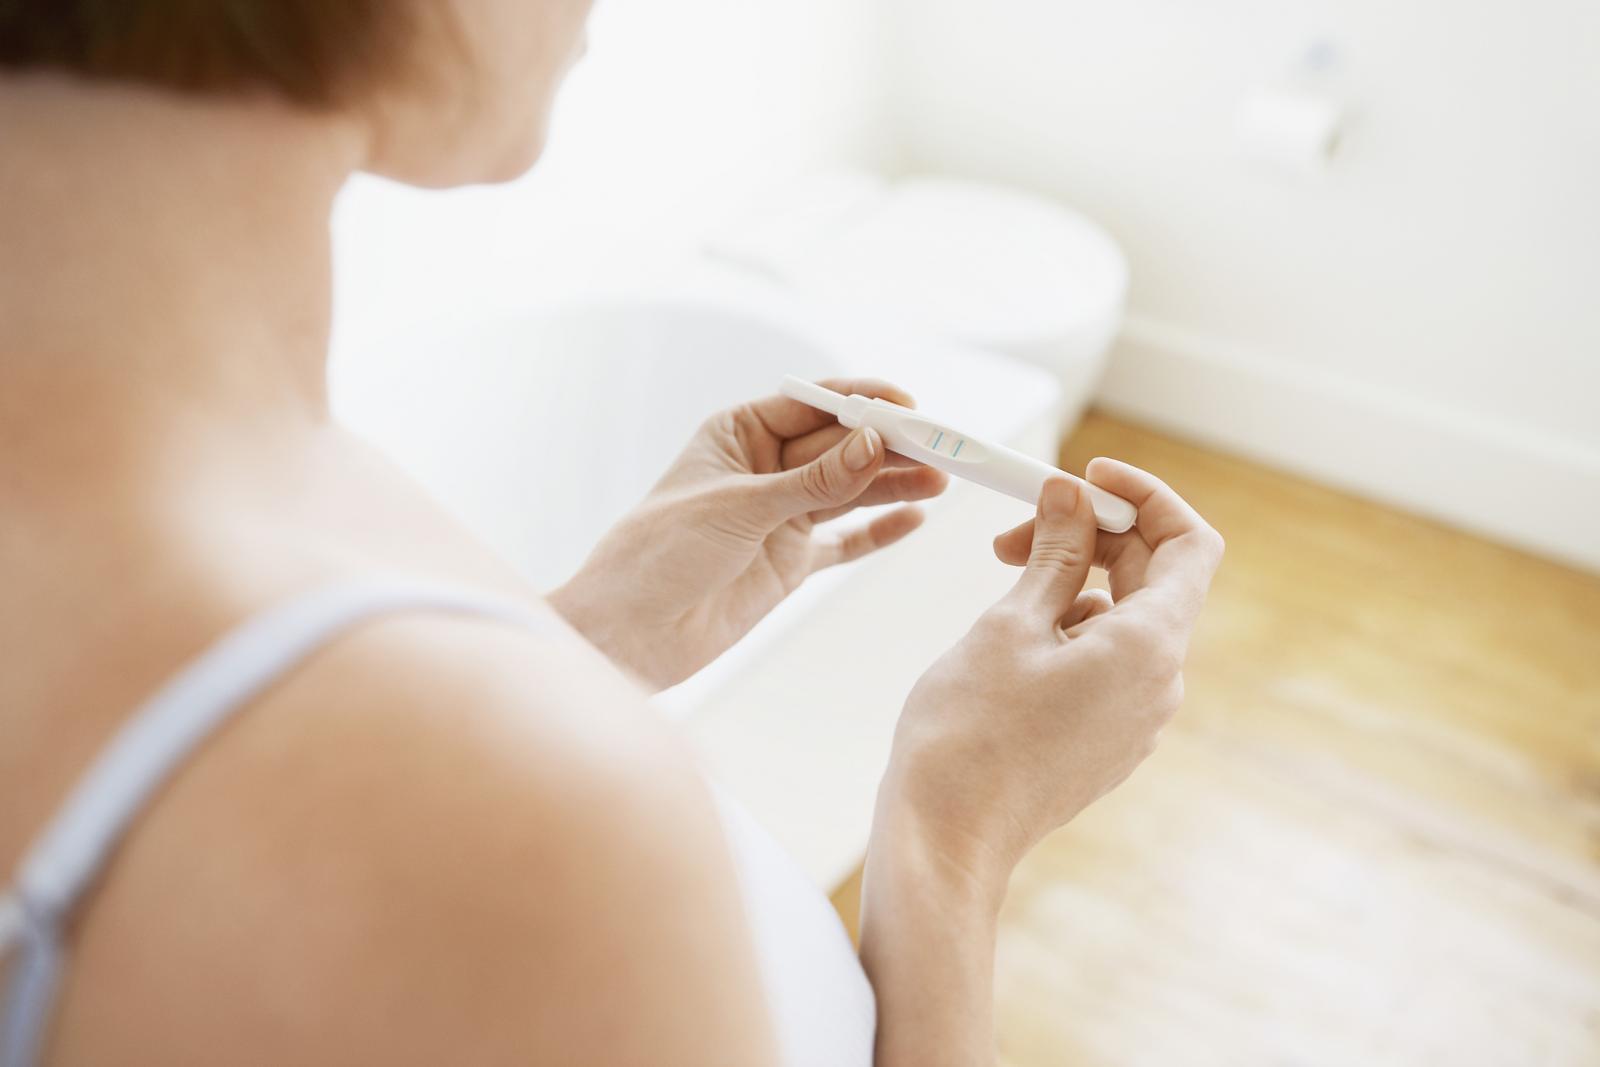 Una mujer con una prueba de embarazo